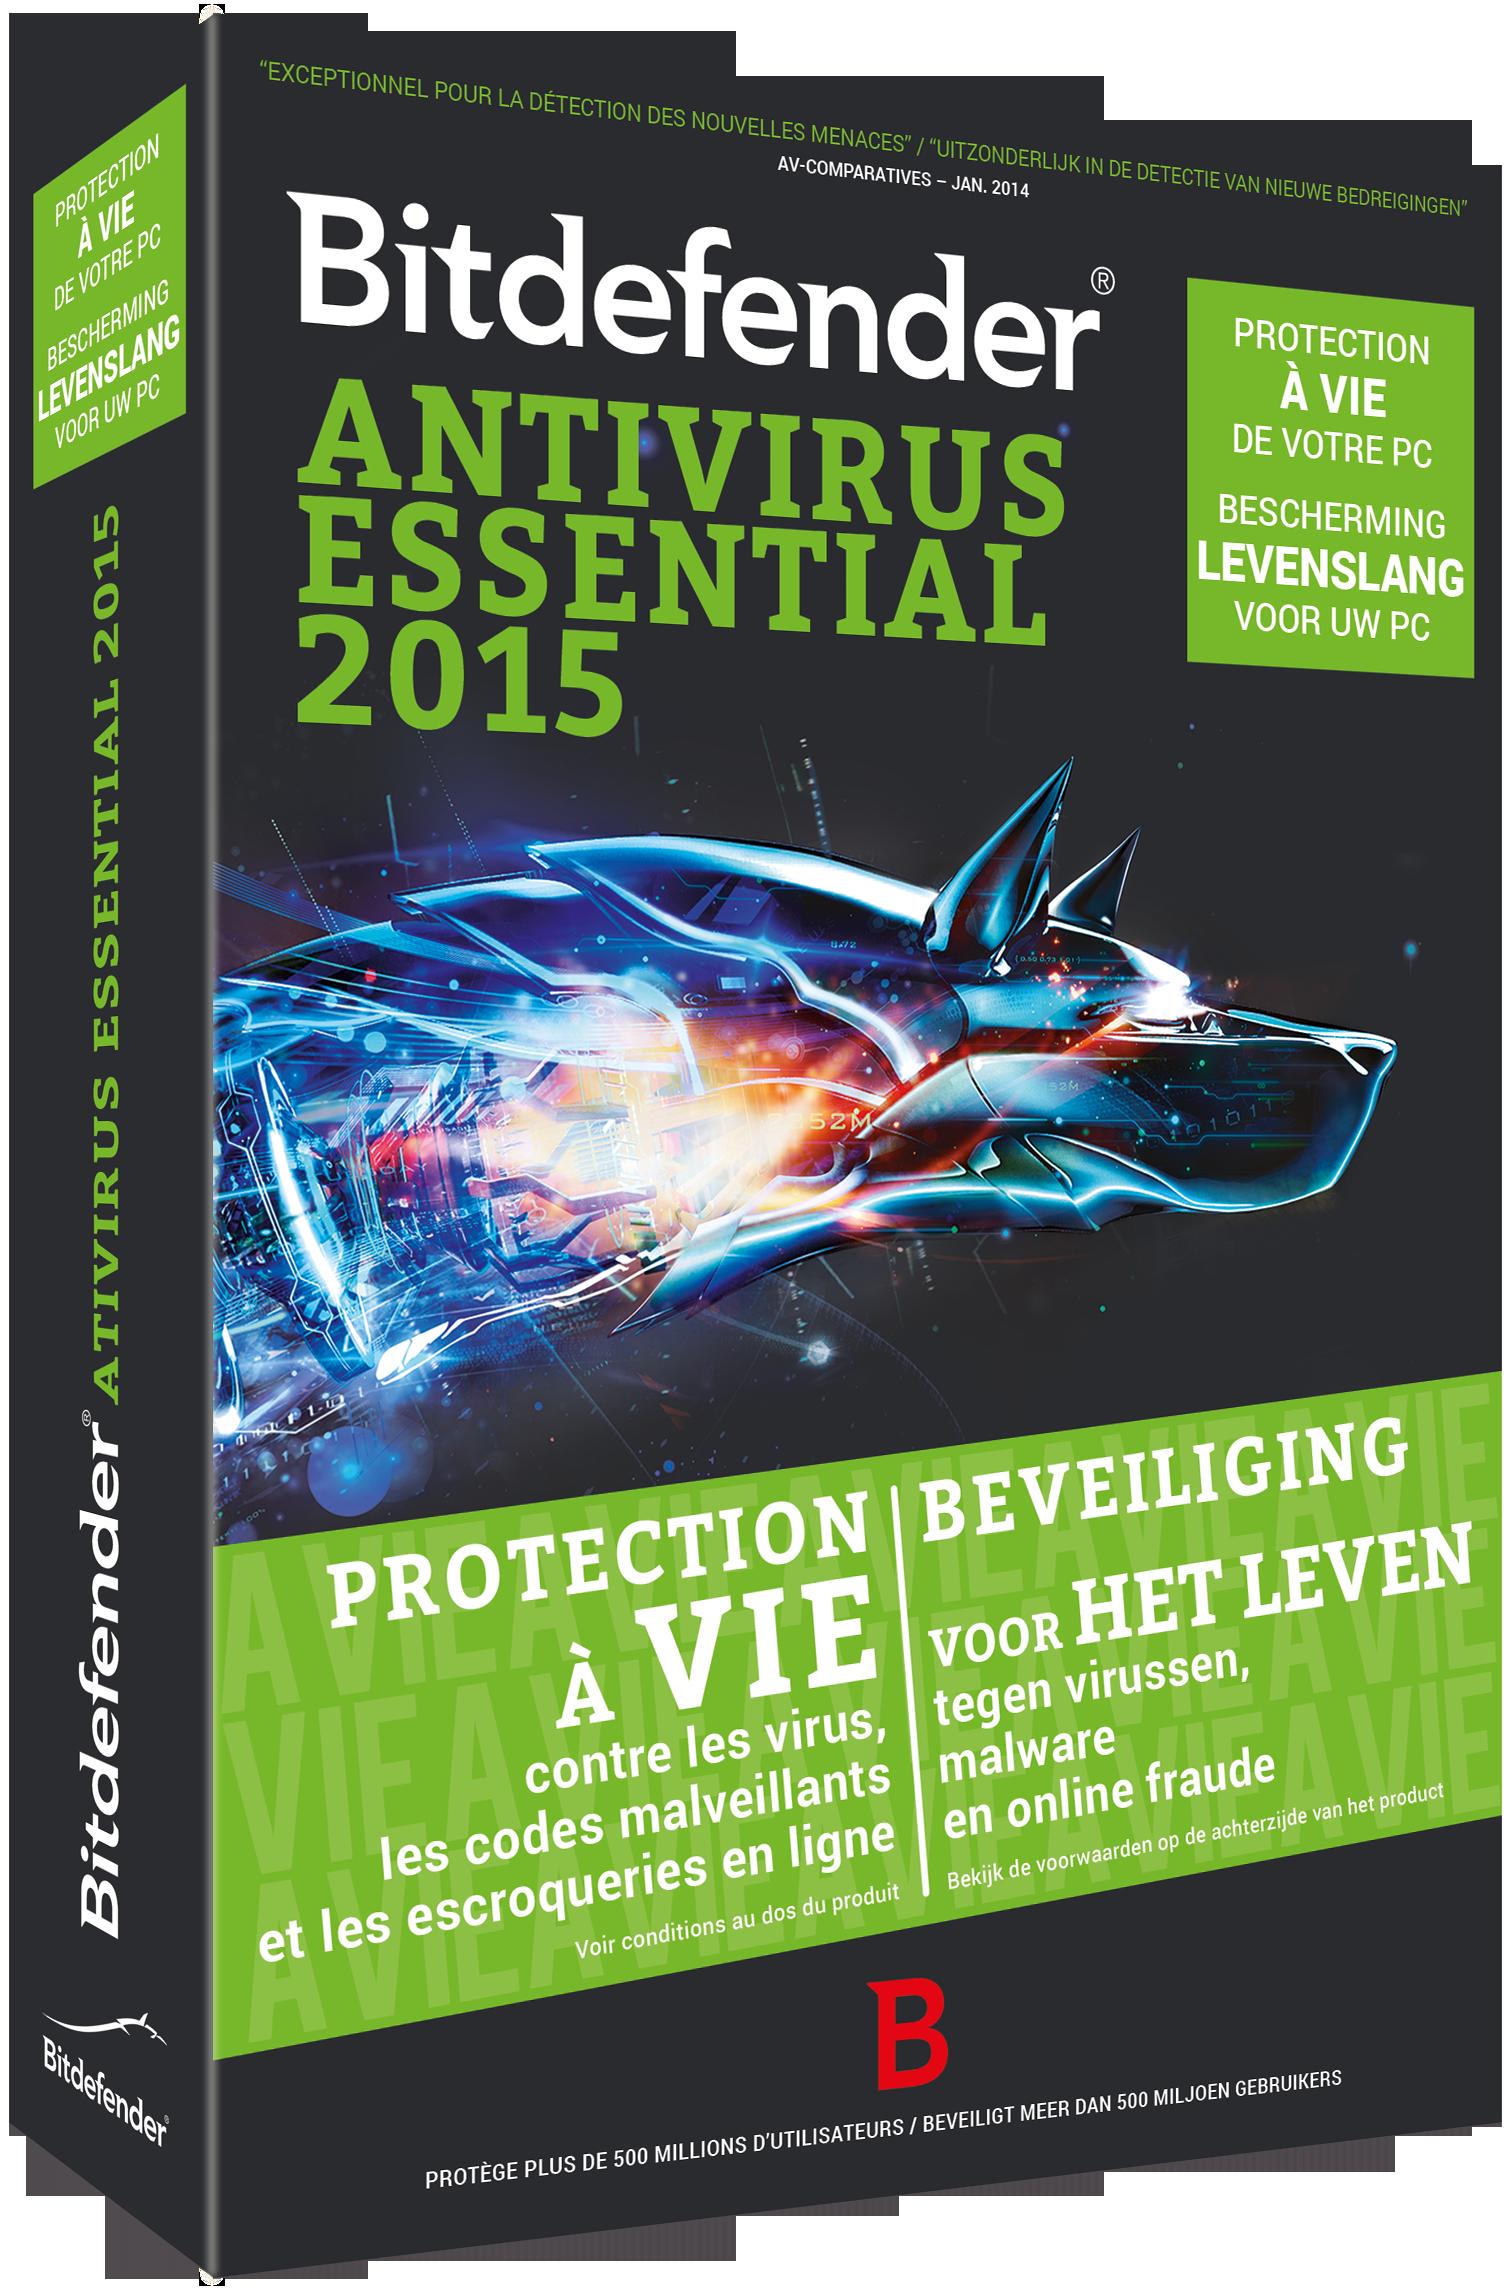 Bitdefender Antivirus Essential